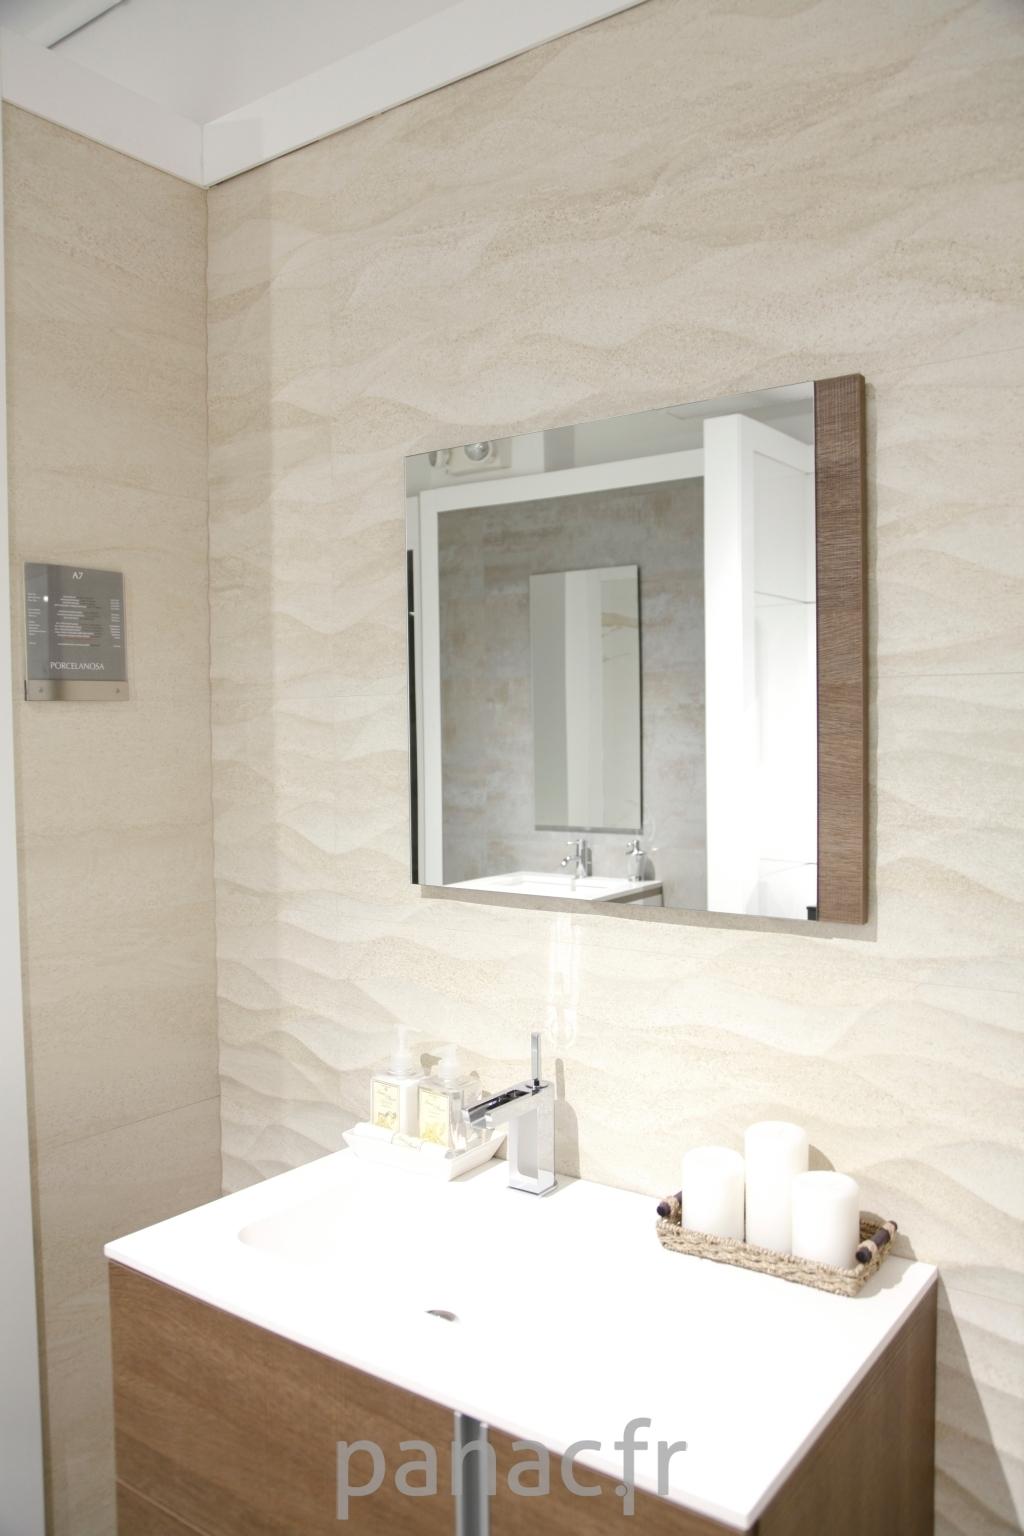 Rail de placard coulissant les derni res for Meuble de salle de bain porcelanosa